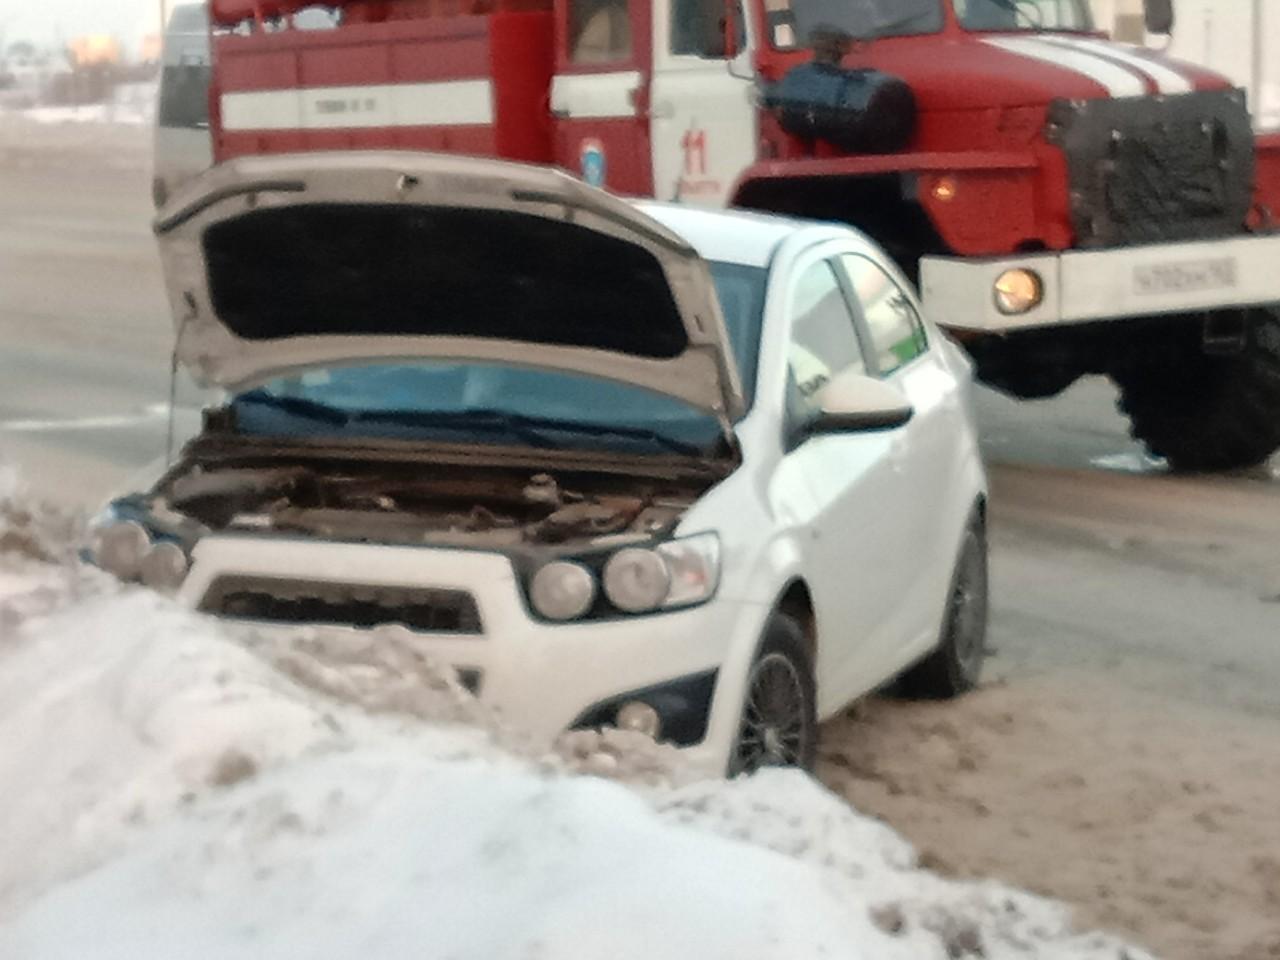 Зажало в салоне: На Южном шоссе столкнулись встречные автомобили